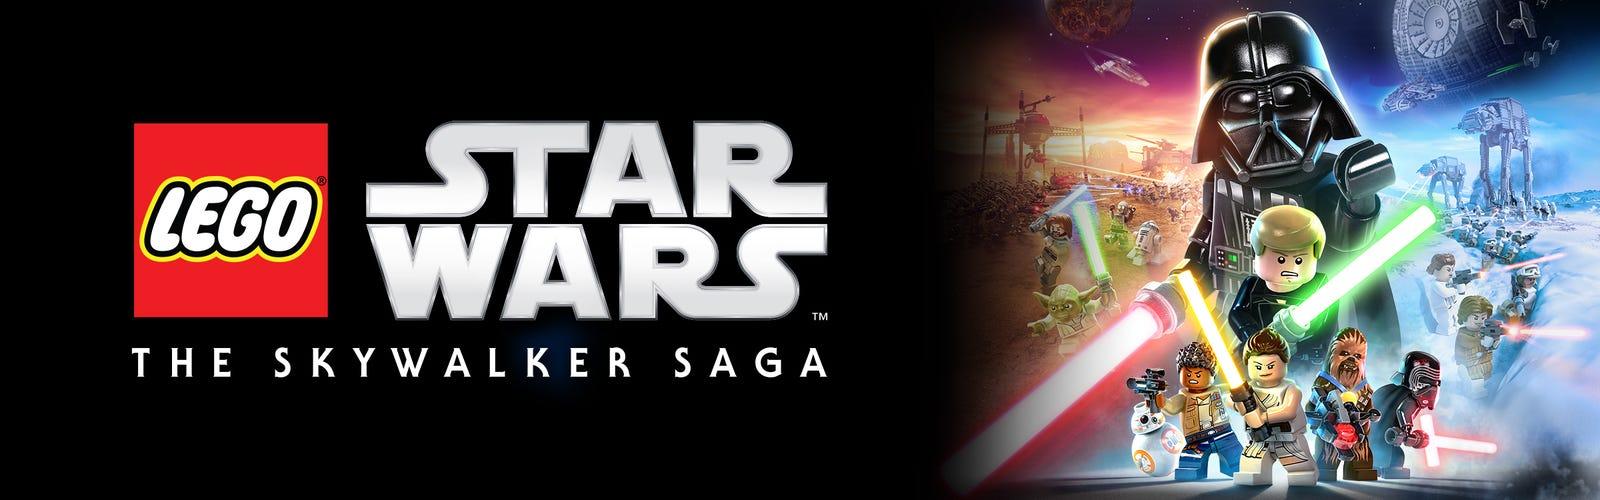 Star Wars Skywalker Saga Official Lego Shop Us